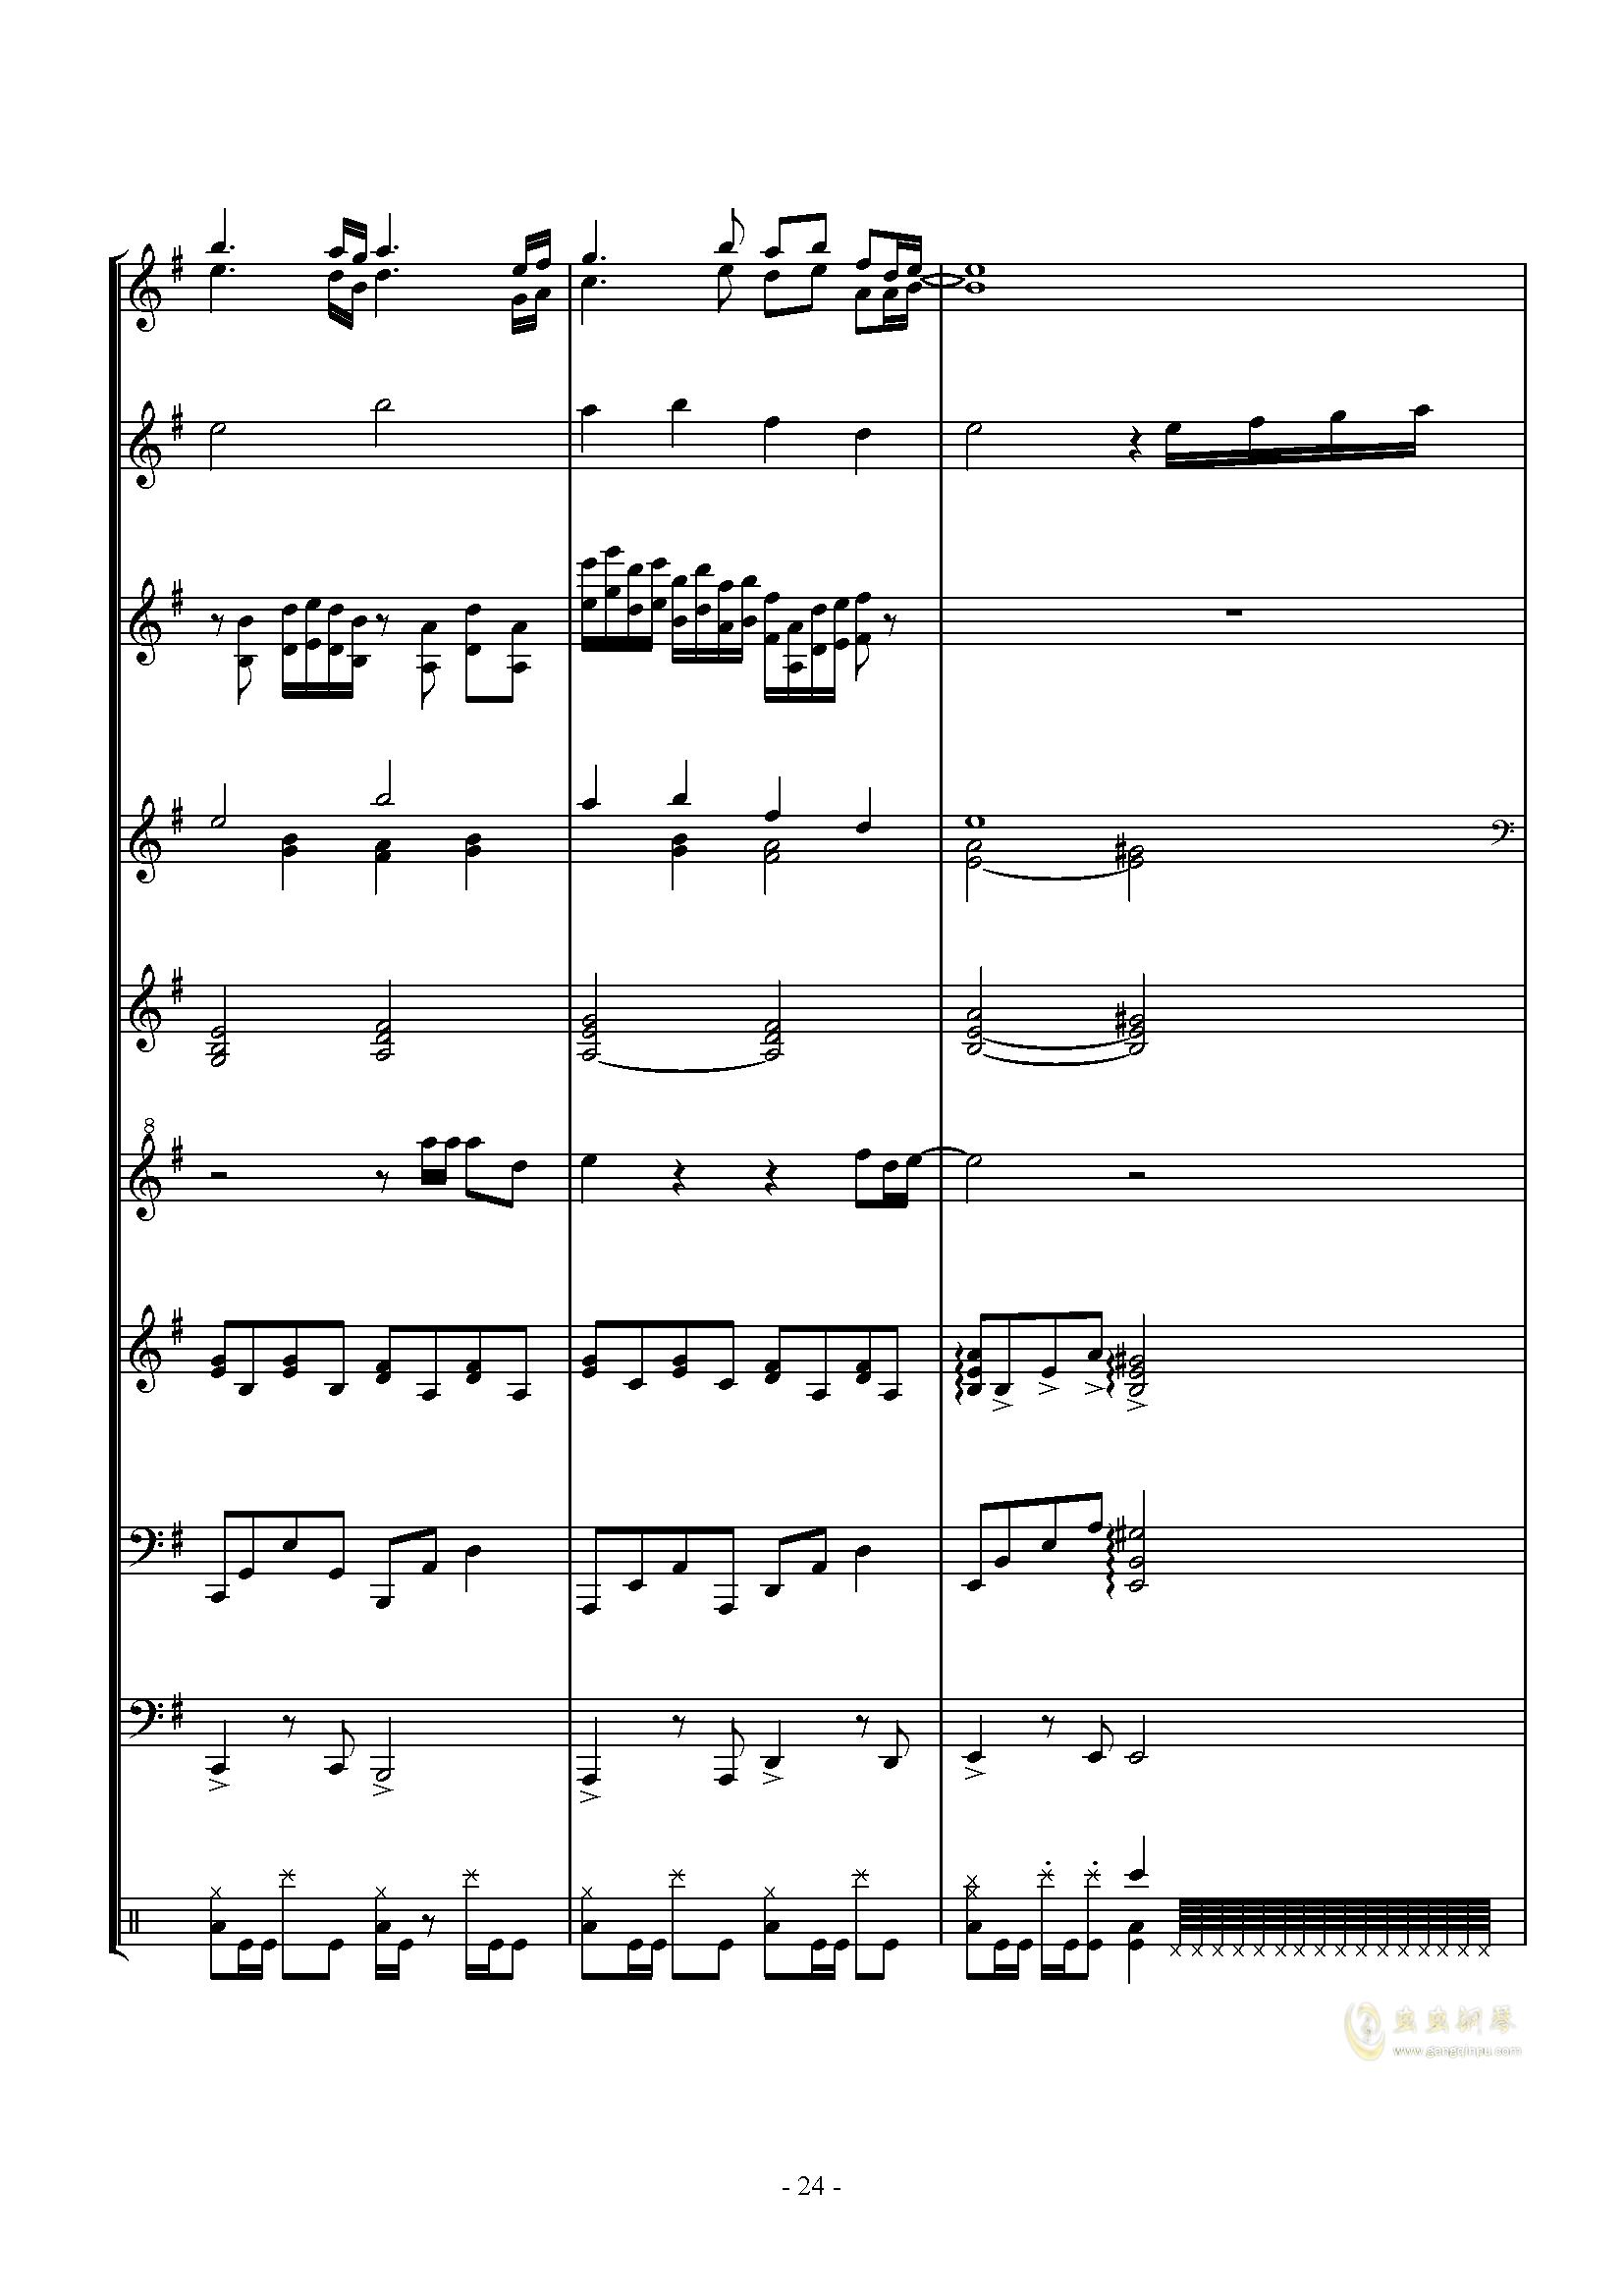 キミガタメ钢琴谱 第24页